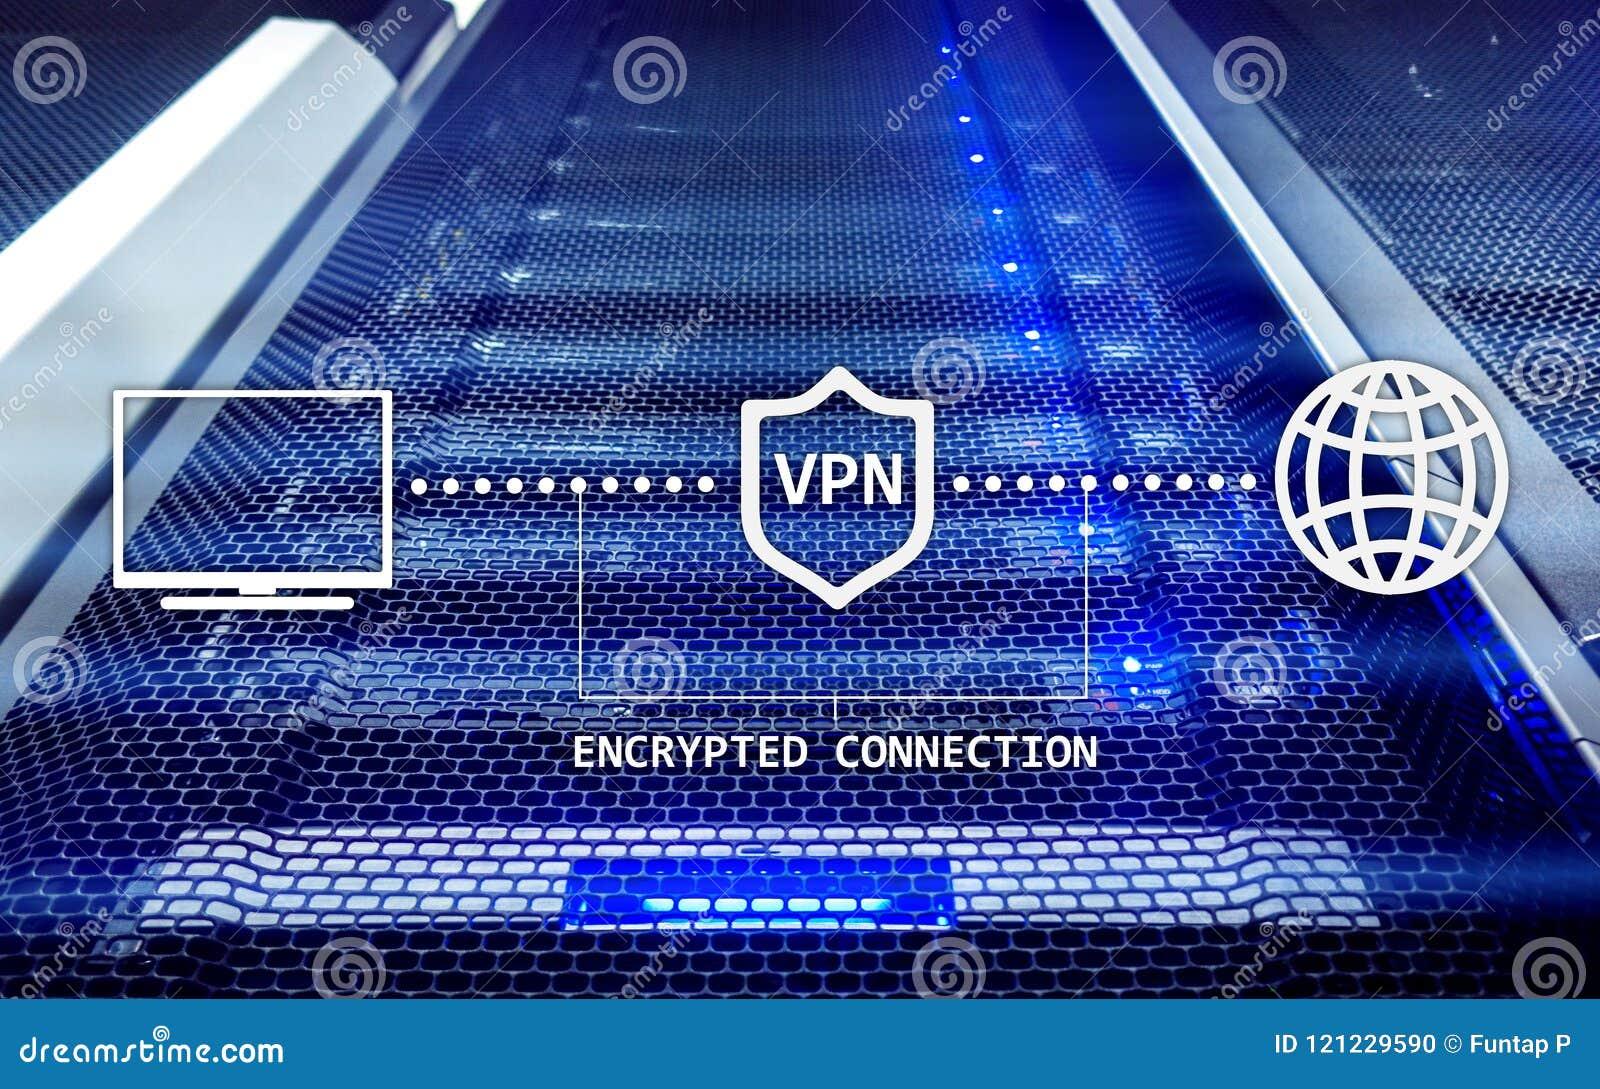 虚拟专用网络, VPN,资料加密, IP替补